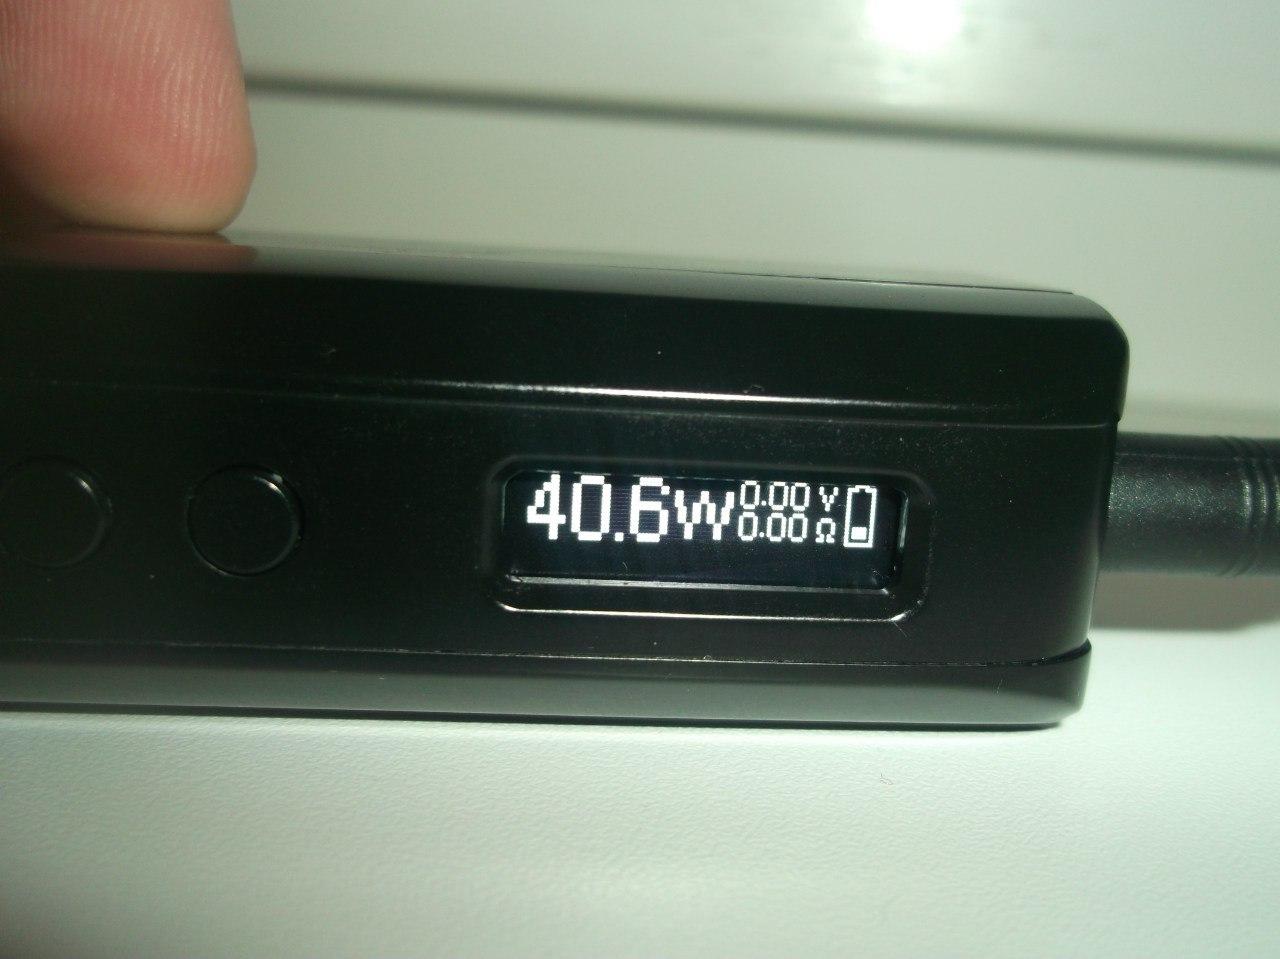 GearBest: IPV D2 - маленький, но функциональный. Обзор популярного боксмода на 75 ватт от компании Pioneer 4 You.